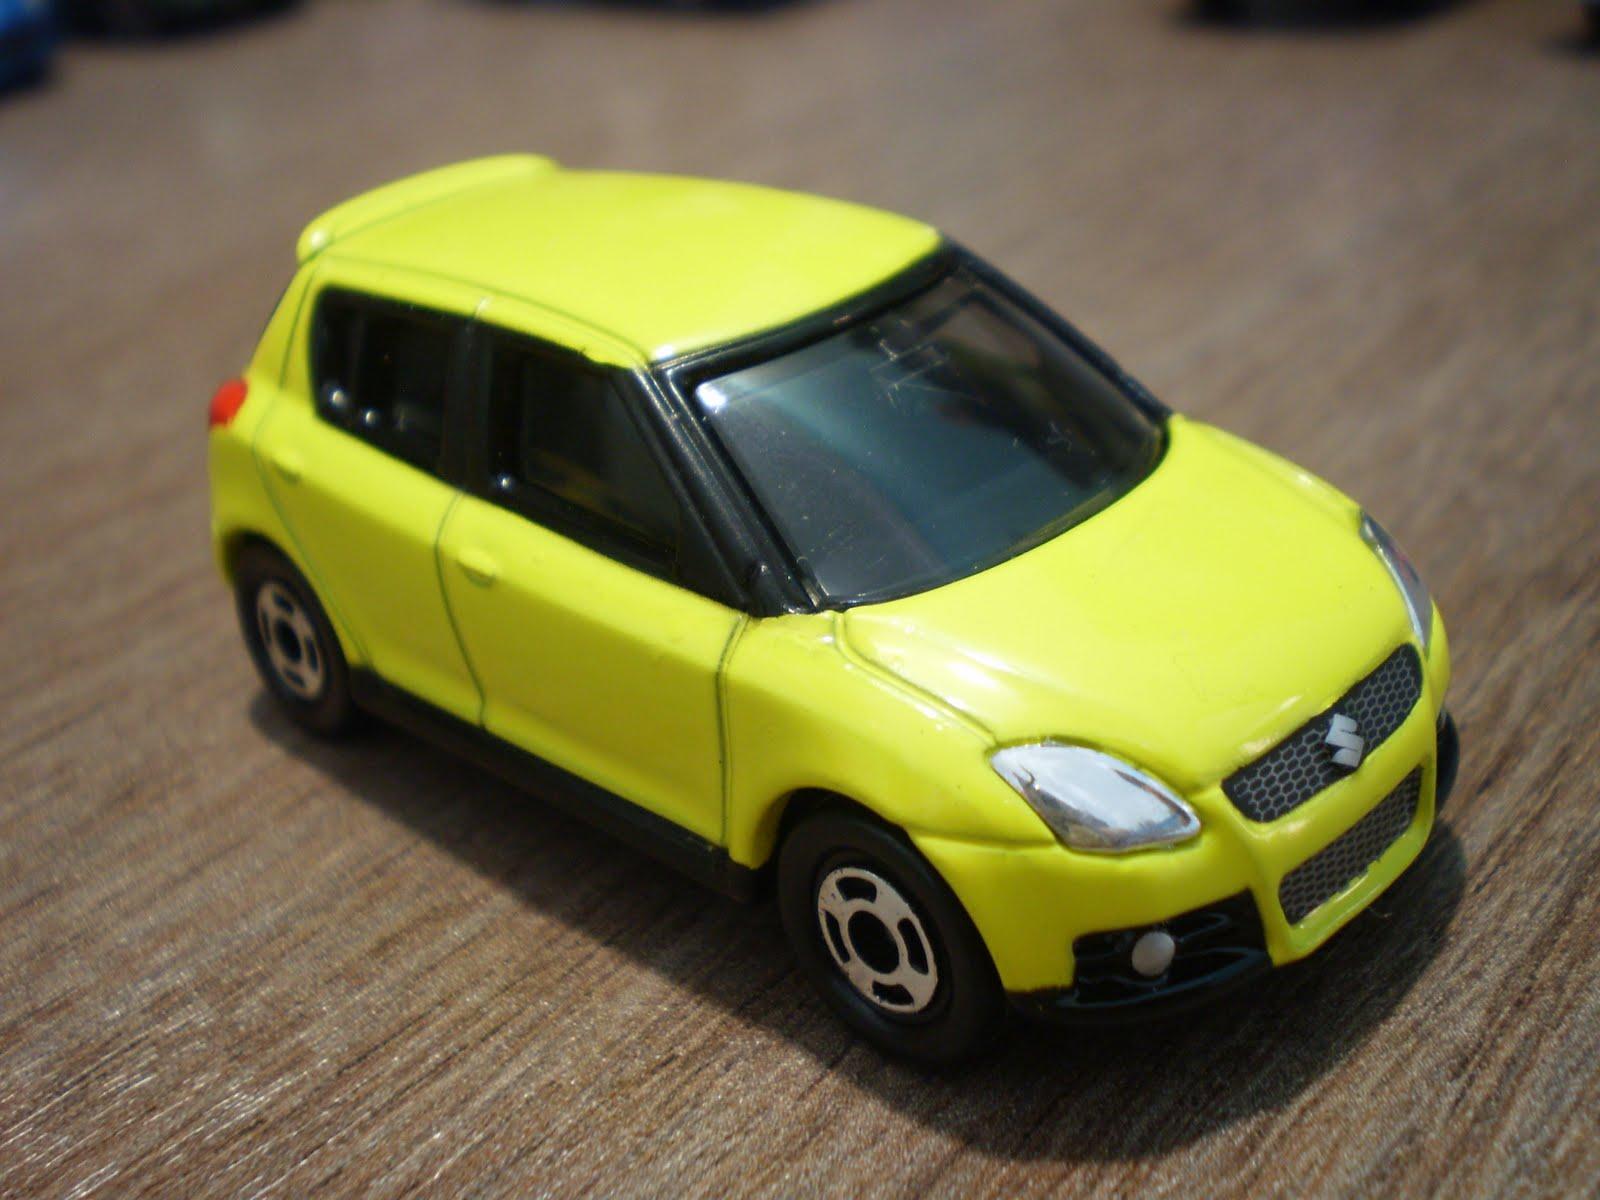 1 64 Die Cast Toy Cars Tomica Suzuki Swift 1st Gen